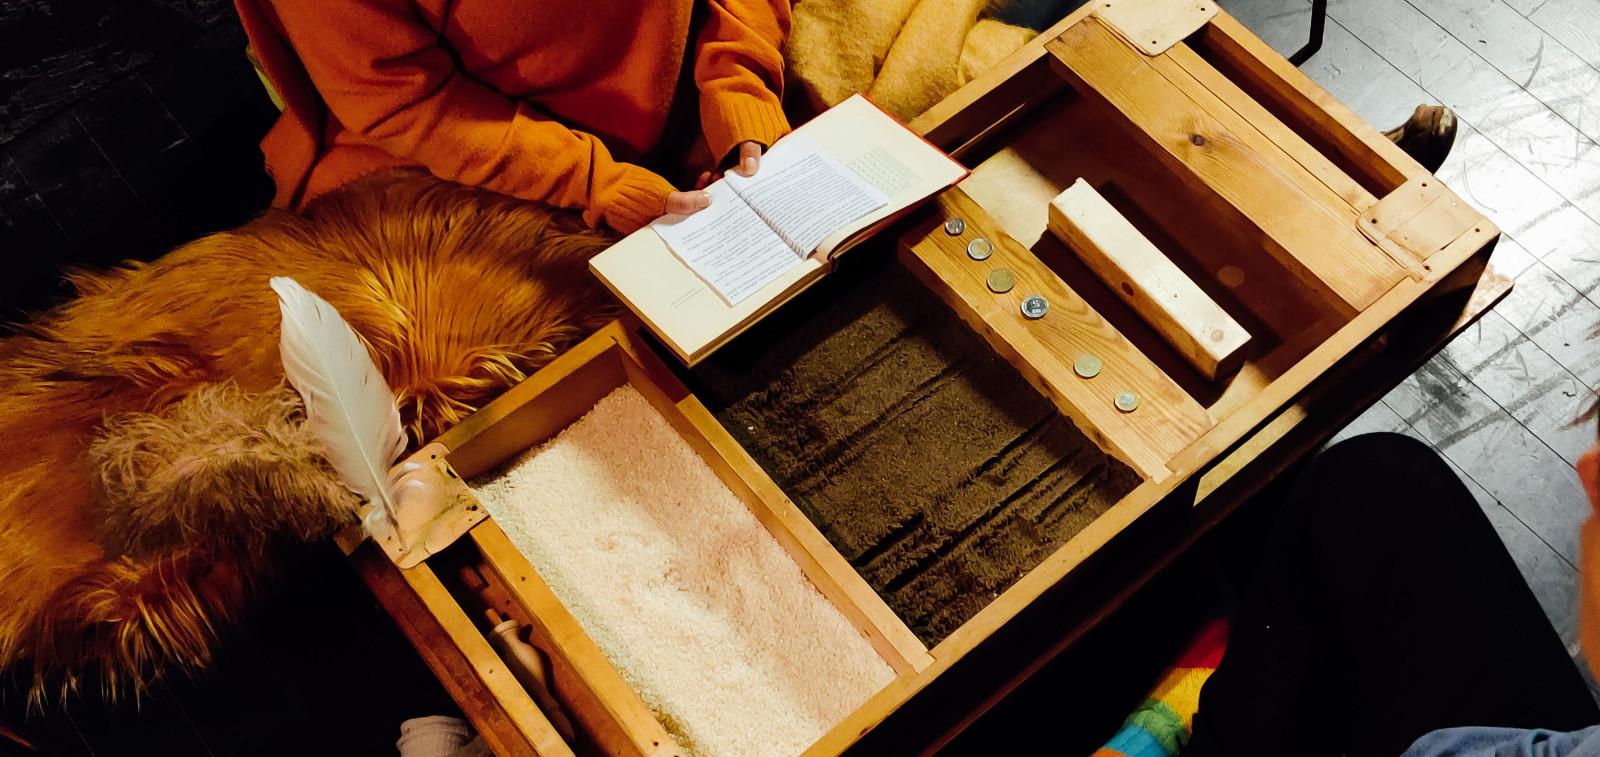 Kaksi ihmistä puusta tehdyn pelin ääressä. Toinen lukee kirjaa. Pelin päällä on kolikoita.äliseen jännitteeseen perustuva pelillinen alkusysäys taloon.